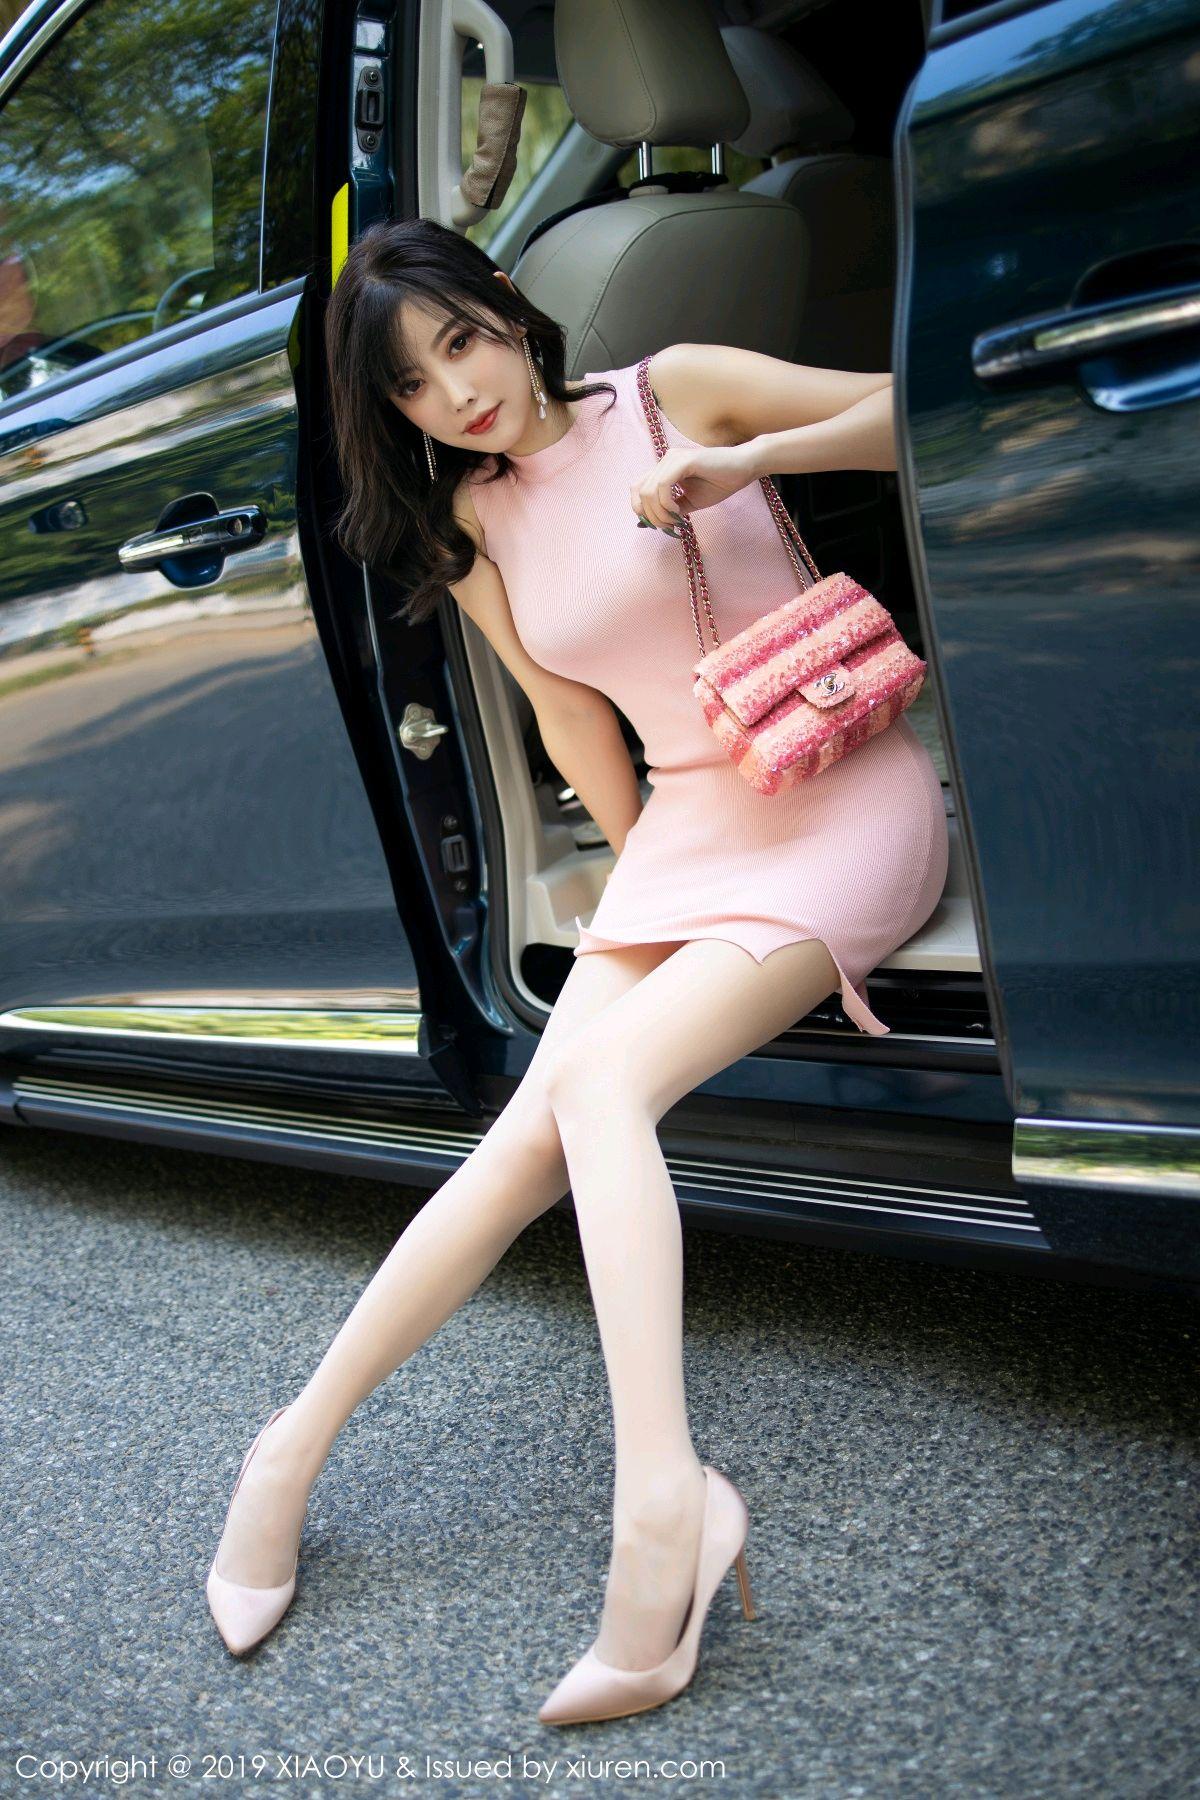 [XIAOYU] Vol.178 Yang Chen Chen 17P, Outdoor, Tall, XiaoYu, Yang Chen Chen